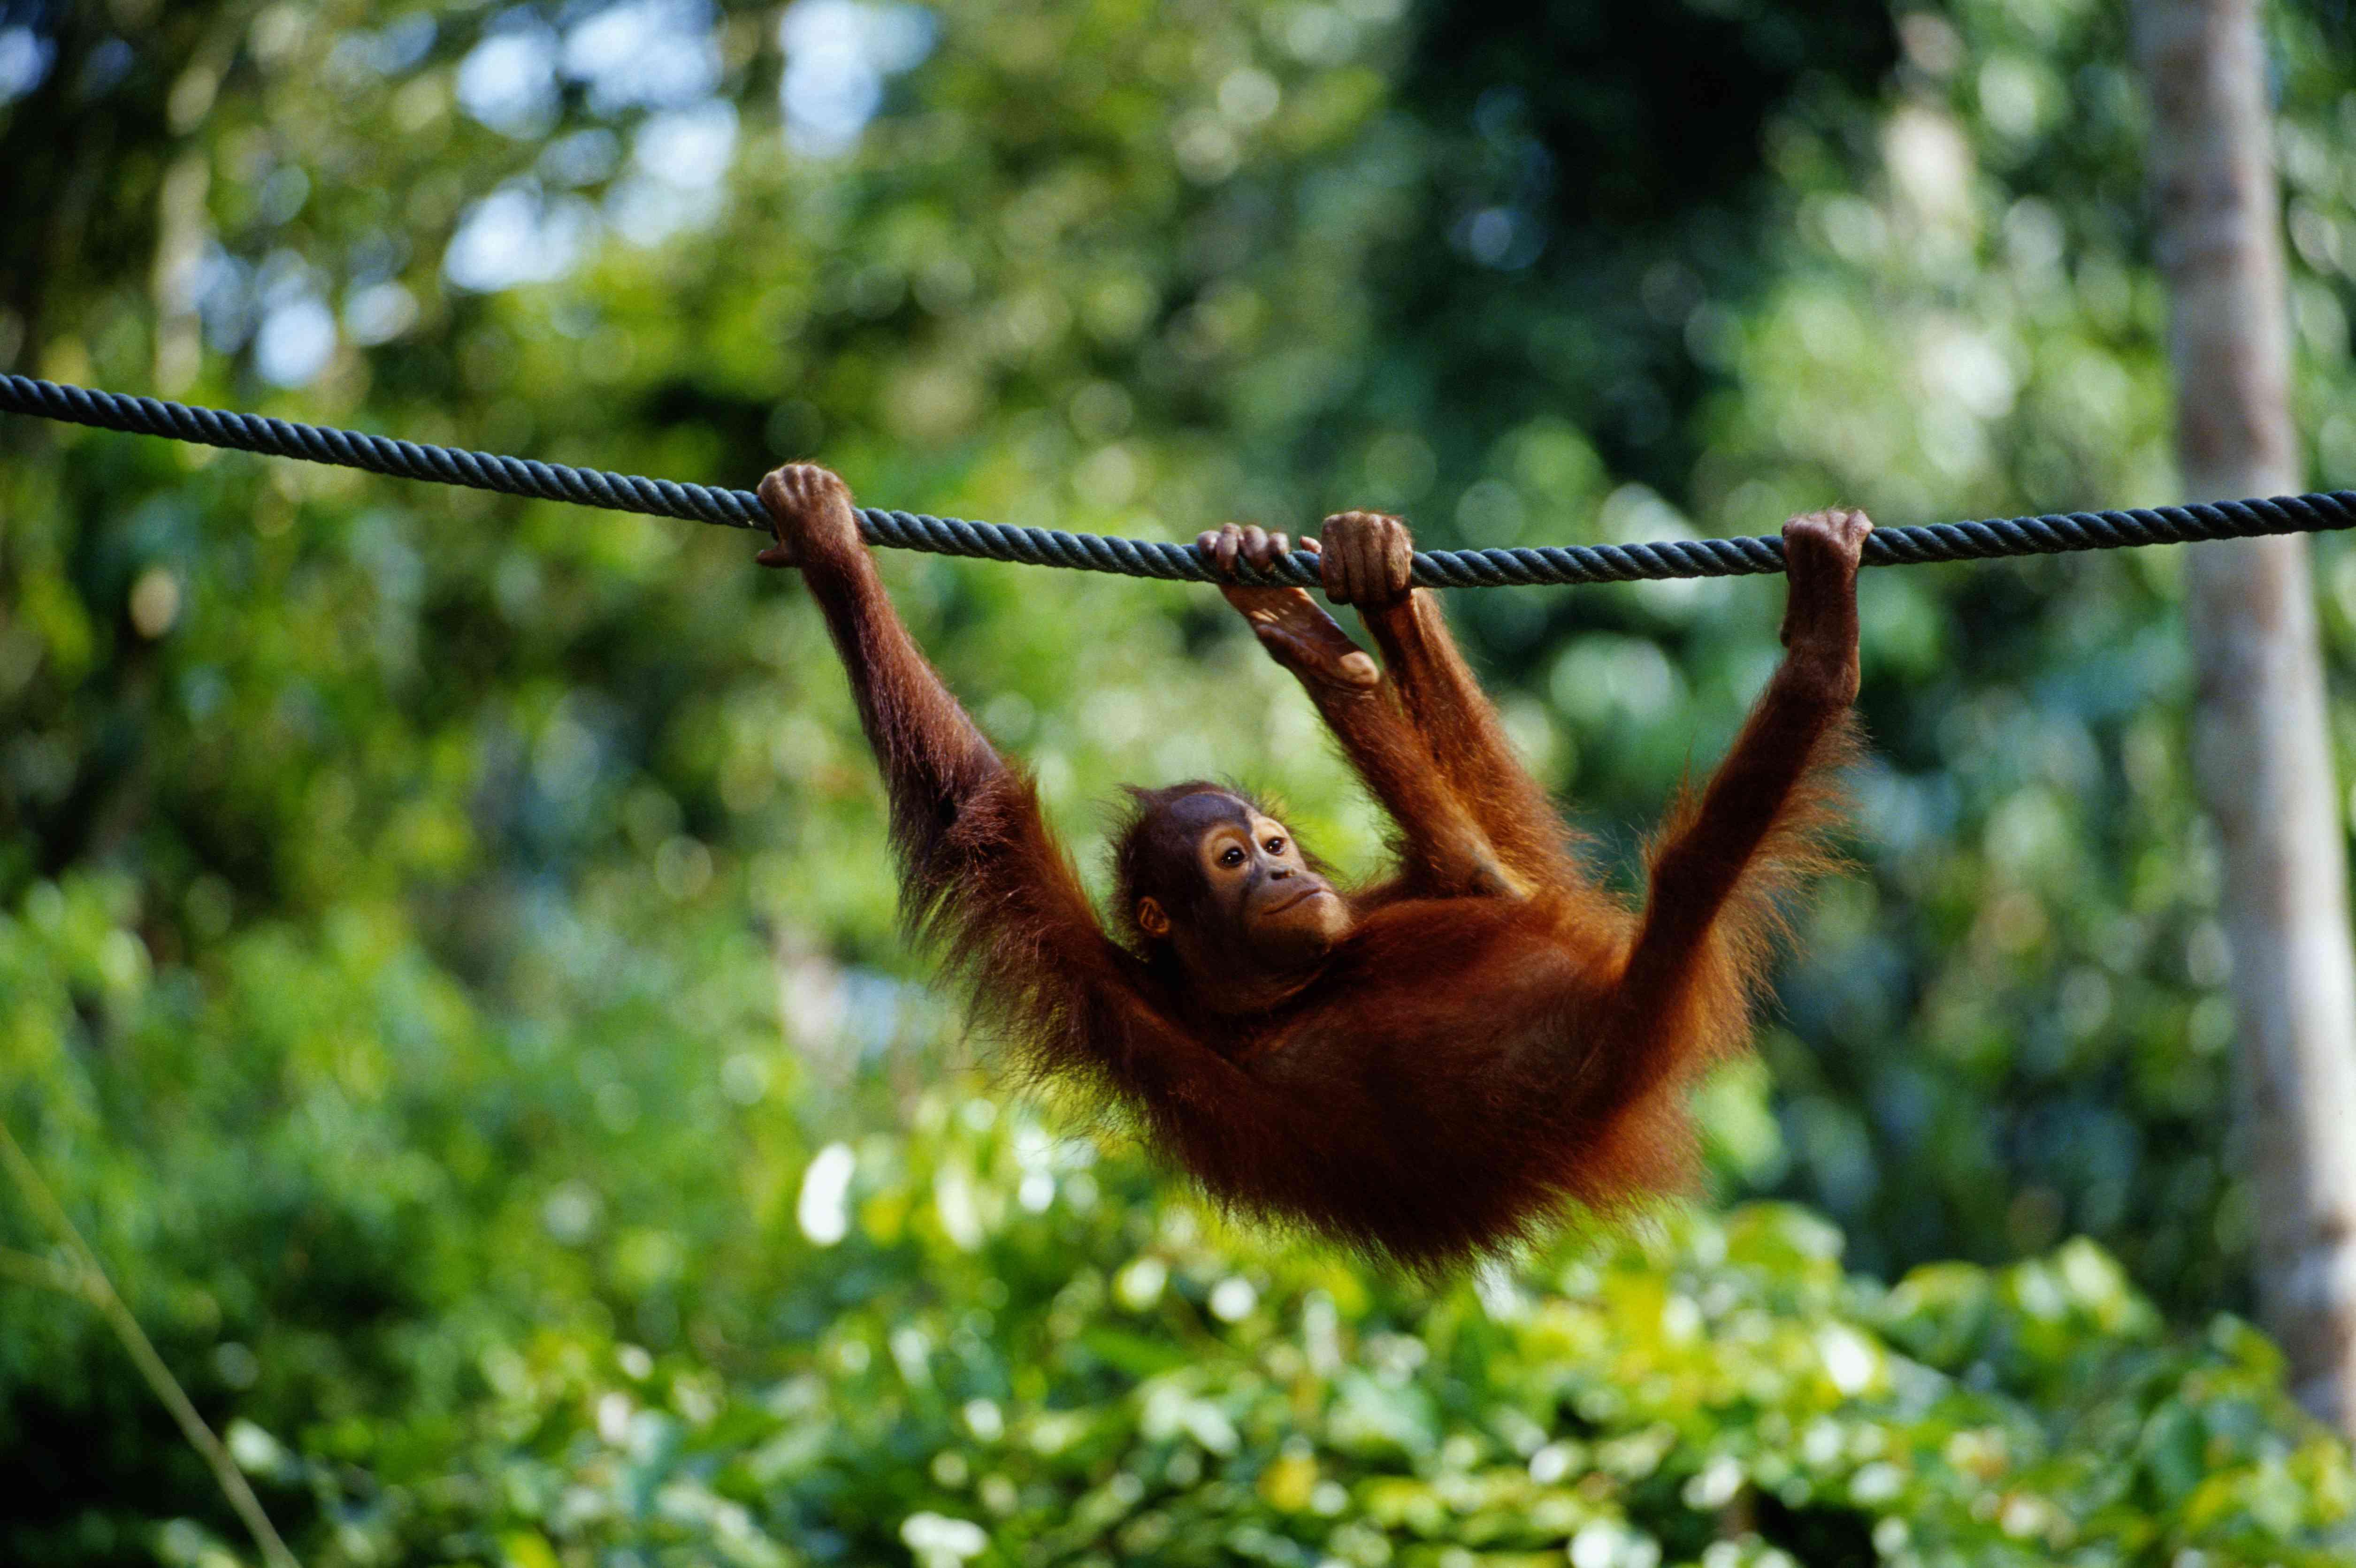 Young orangutan hangs from rope in Sepilok outside Sandakan, Sabah